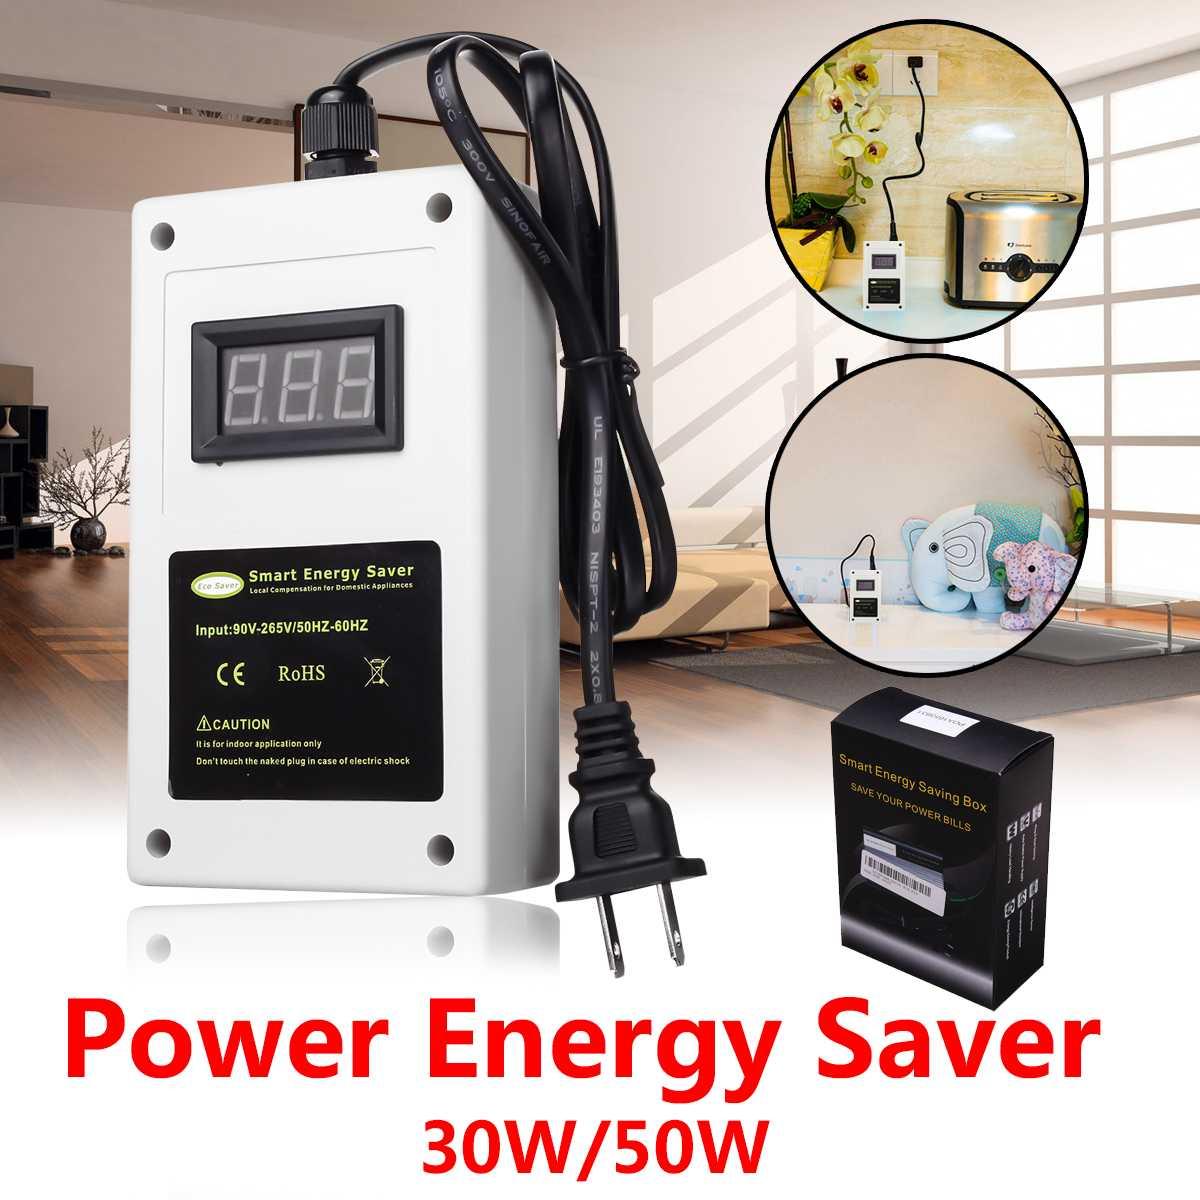 интеллектуальная энергосбережение энергосберегающие устройства Smart Power Factor Saver энергосберегающая коробка для экономии электроэнергии купить недорого в интернет магазине с доставкой сравнение цен характеристики фото